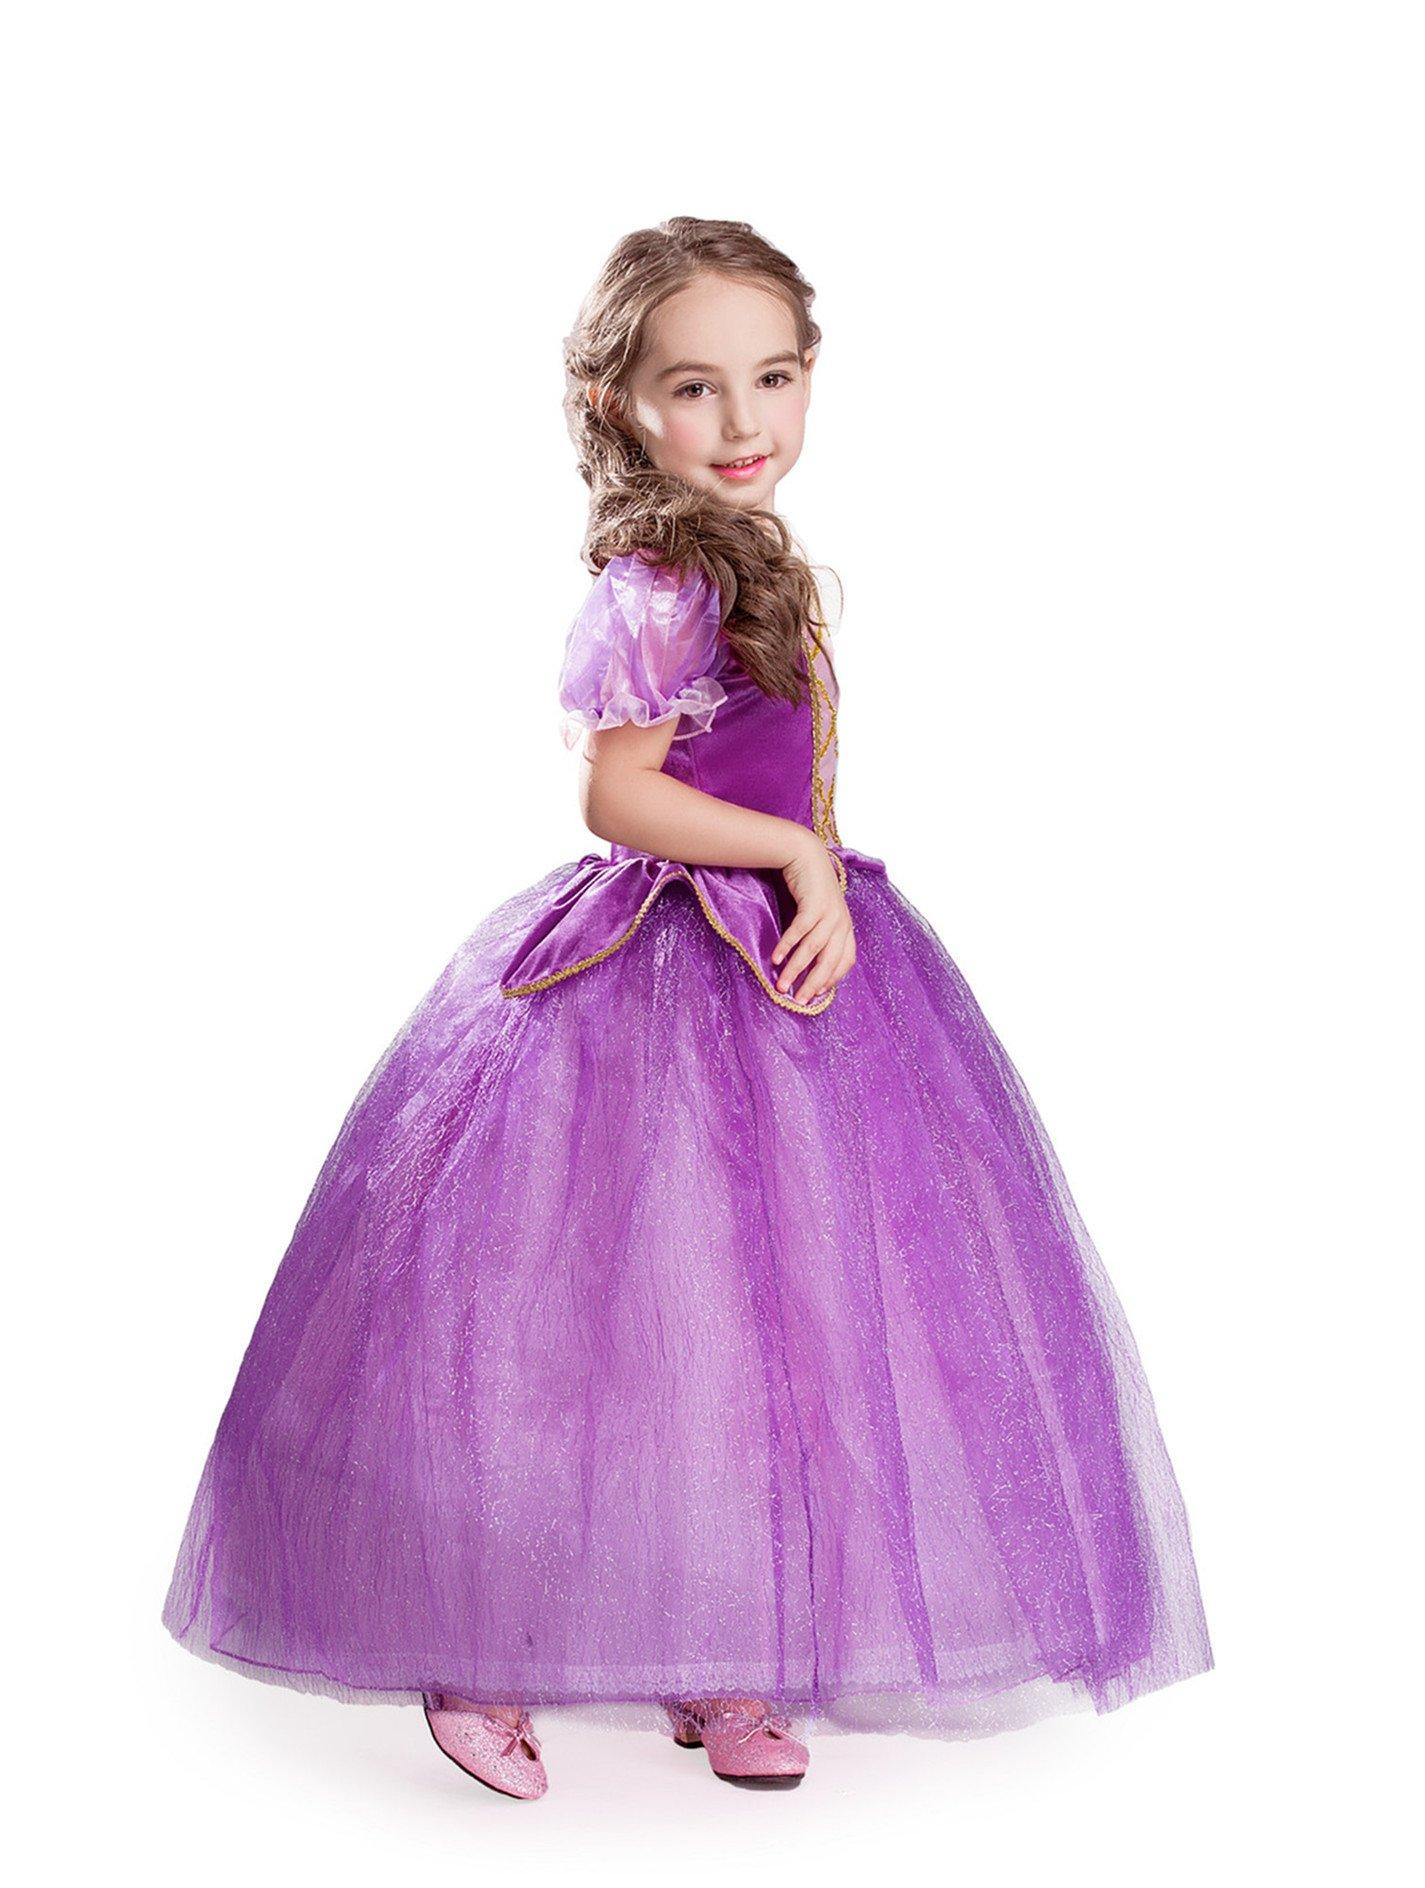 ELSA & ANNA® Princesa Disfraz Traje Parte Las Niñas Vestido (Girls Princess Fancy Dress) ES-FBA-RAP1 (6-7 Años, ES-RAP1) product image